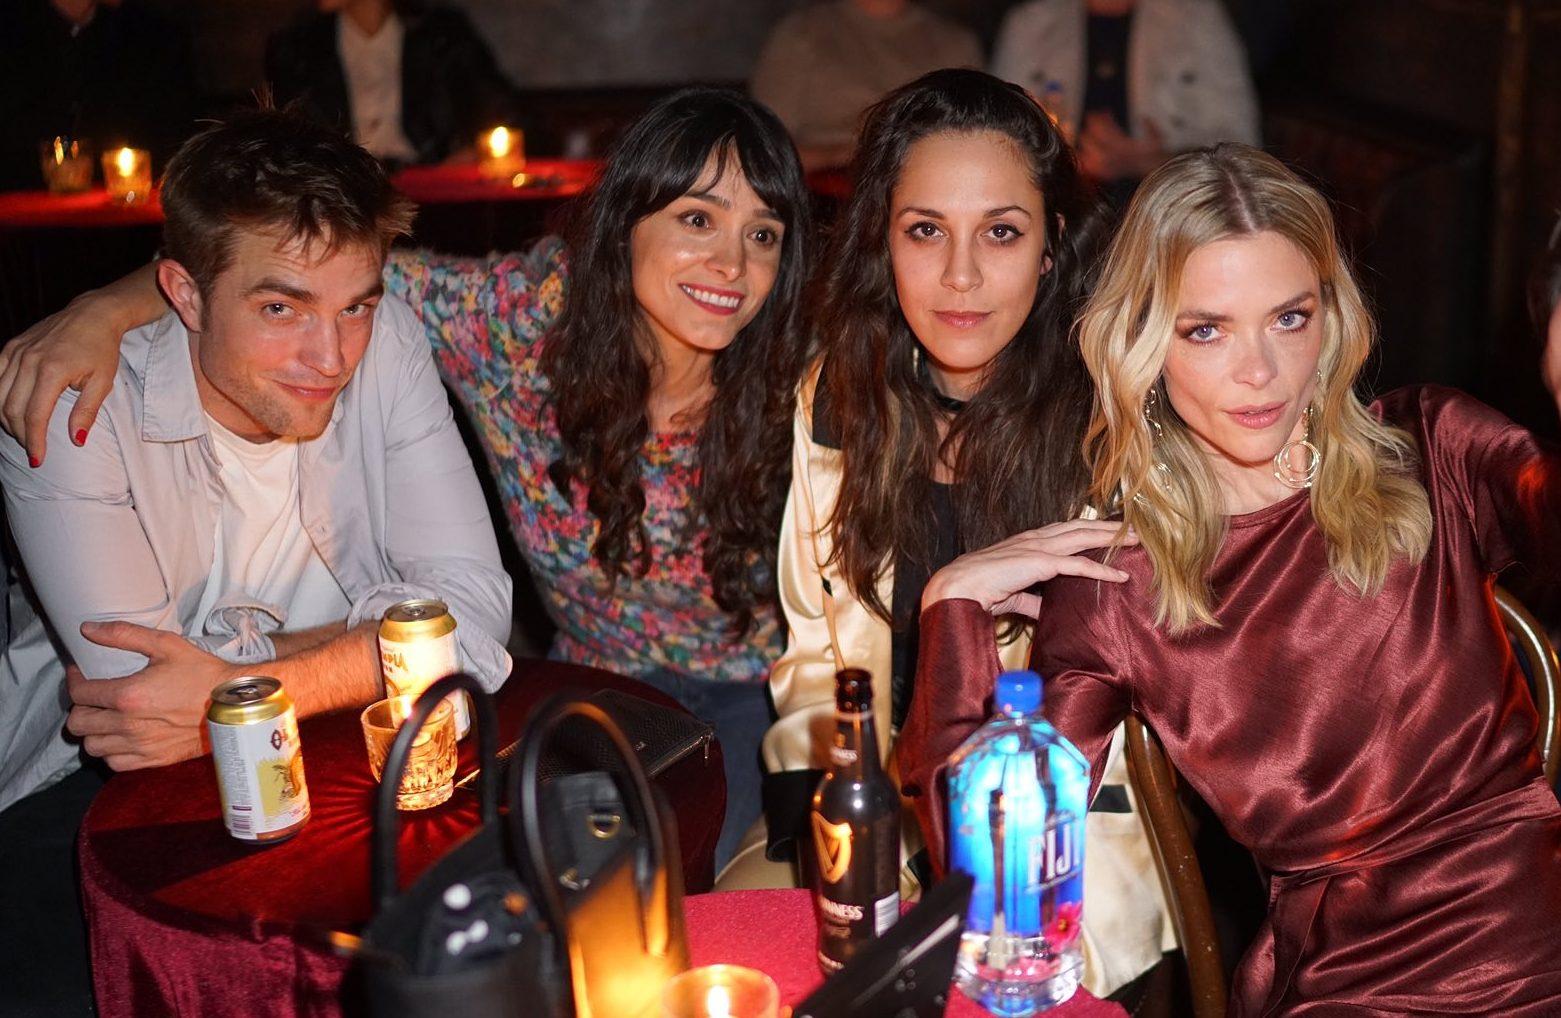 Fotos: Robert Pattinson na festa de aniversário de Jaime King em Los Angeles